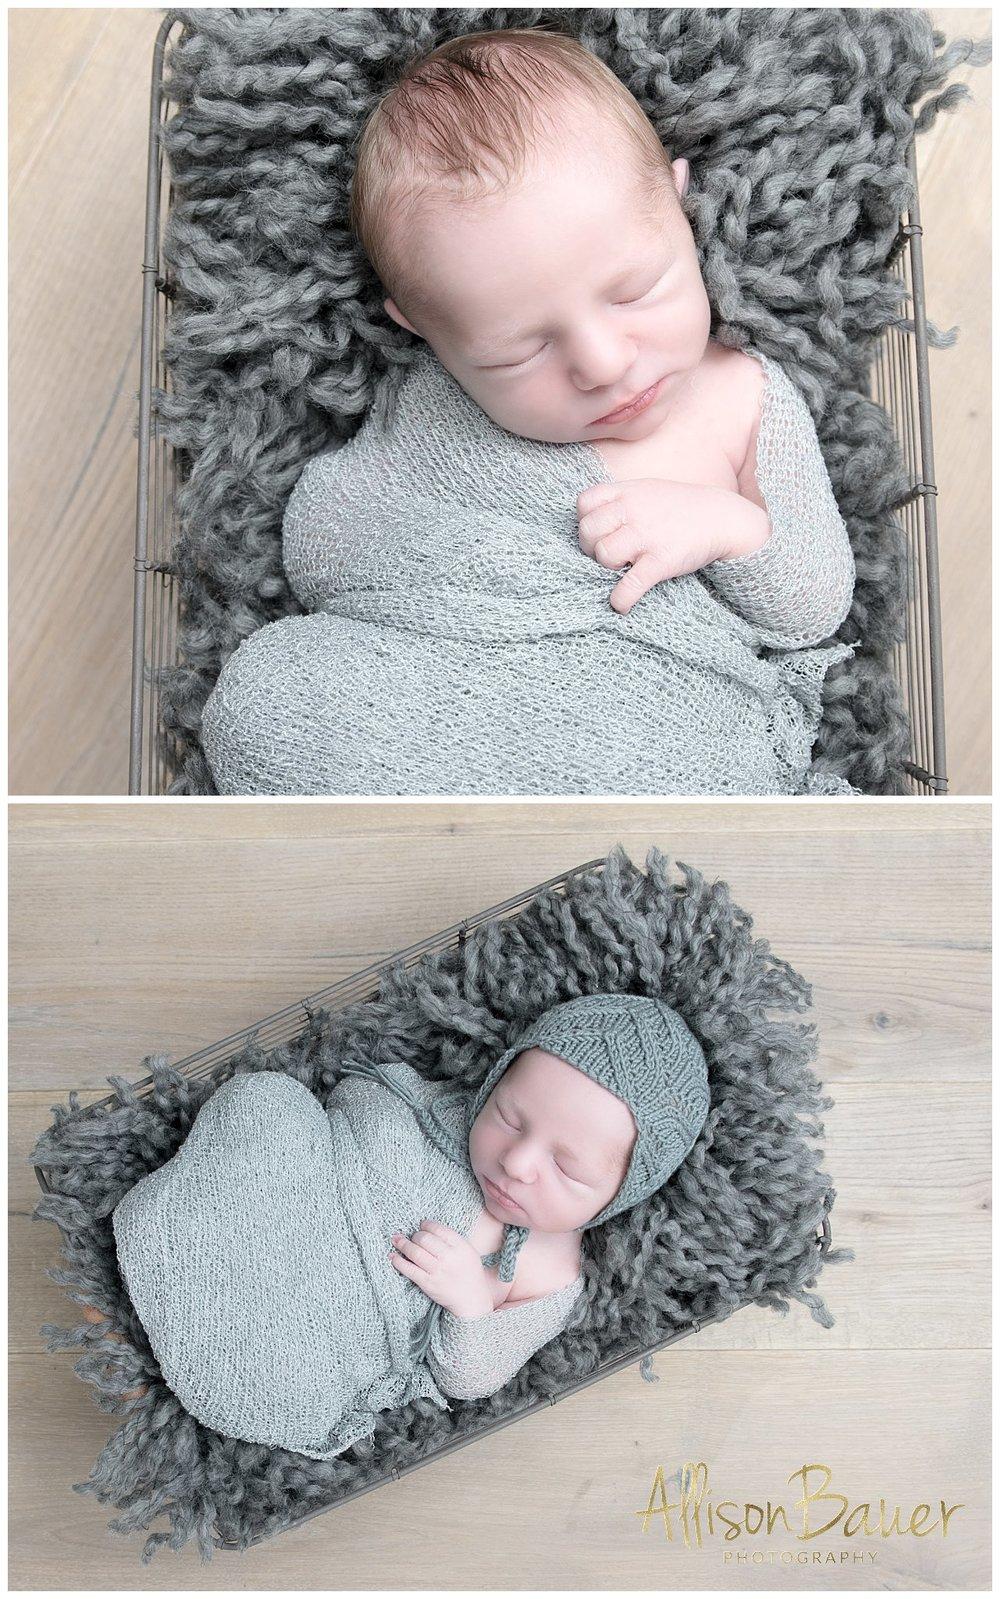 Allison-Bauer-Baby-Junge